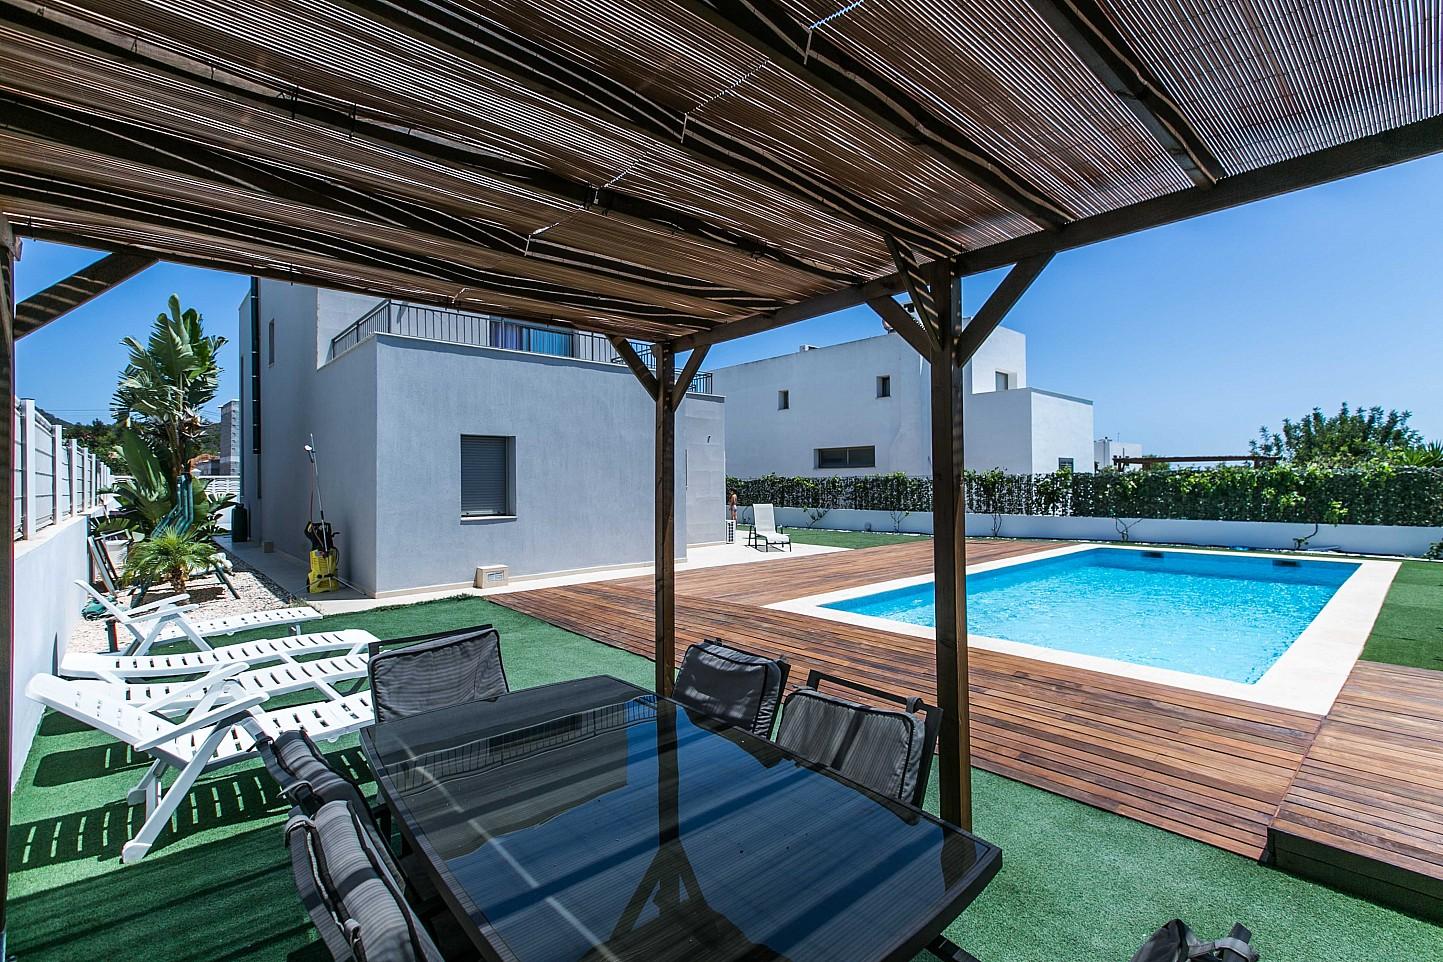 Exclusiva terraza con piscina propia en magnífica casa en alquiler ubicada en Ibiza